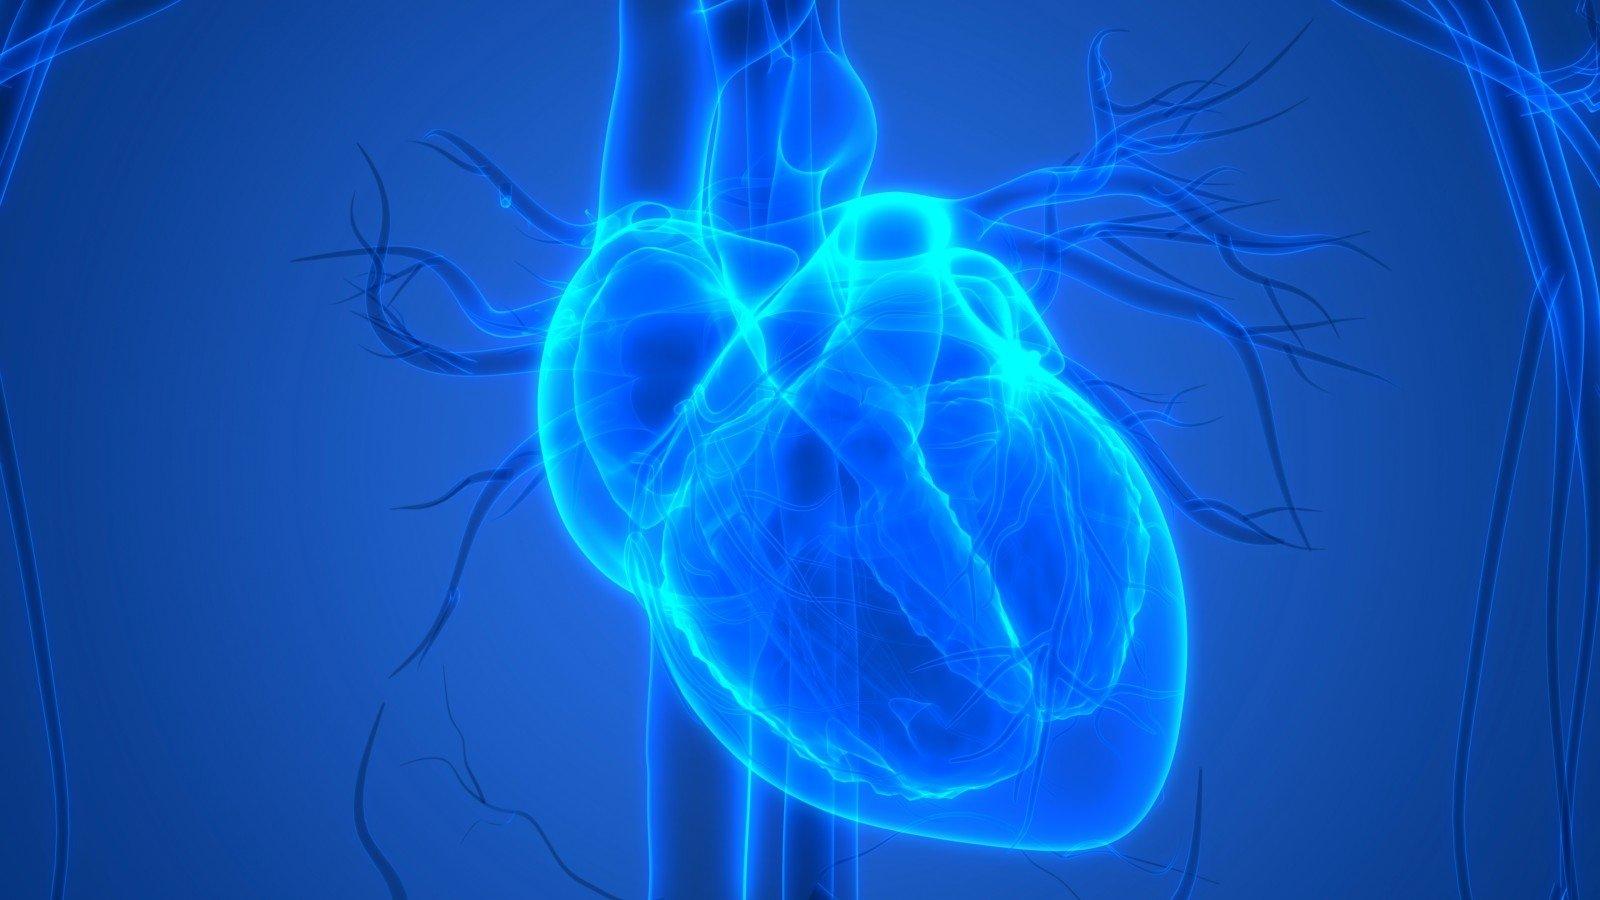 7 paprasti žingsniai į širdies sveikatą širdies sveikatos grybai